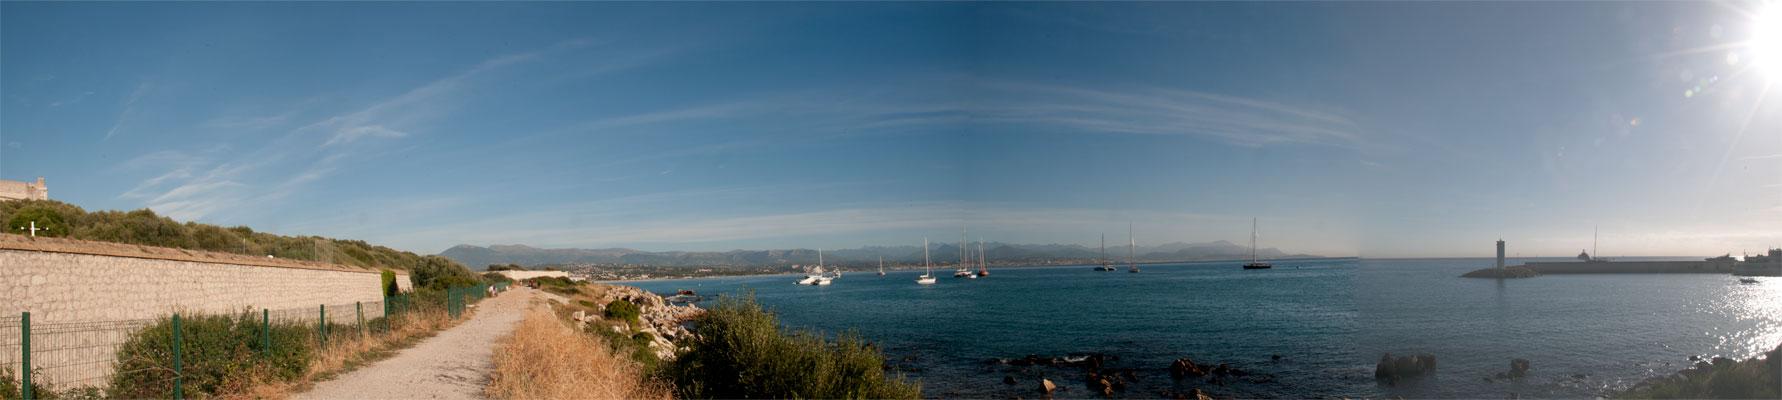 Antibes Hafen